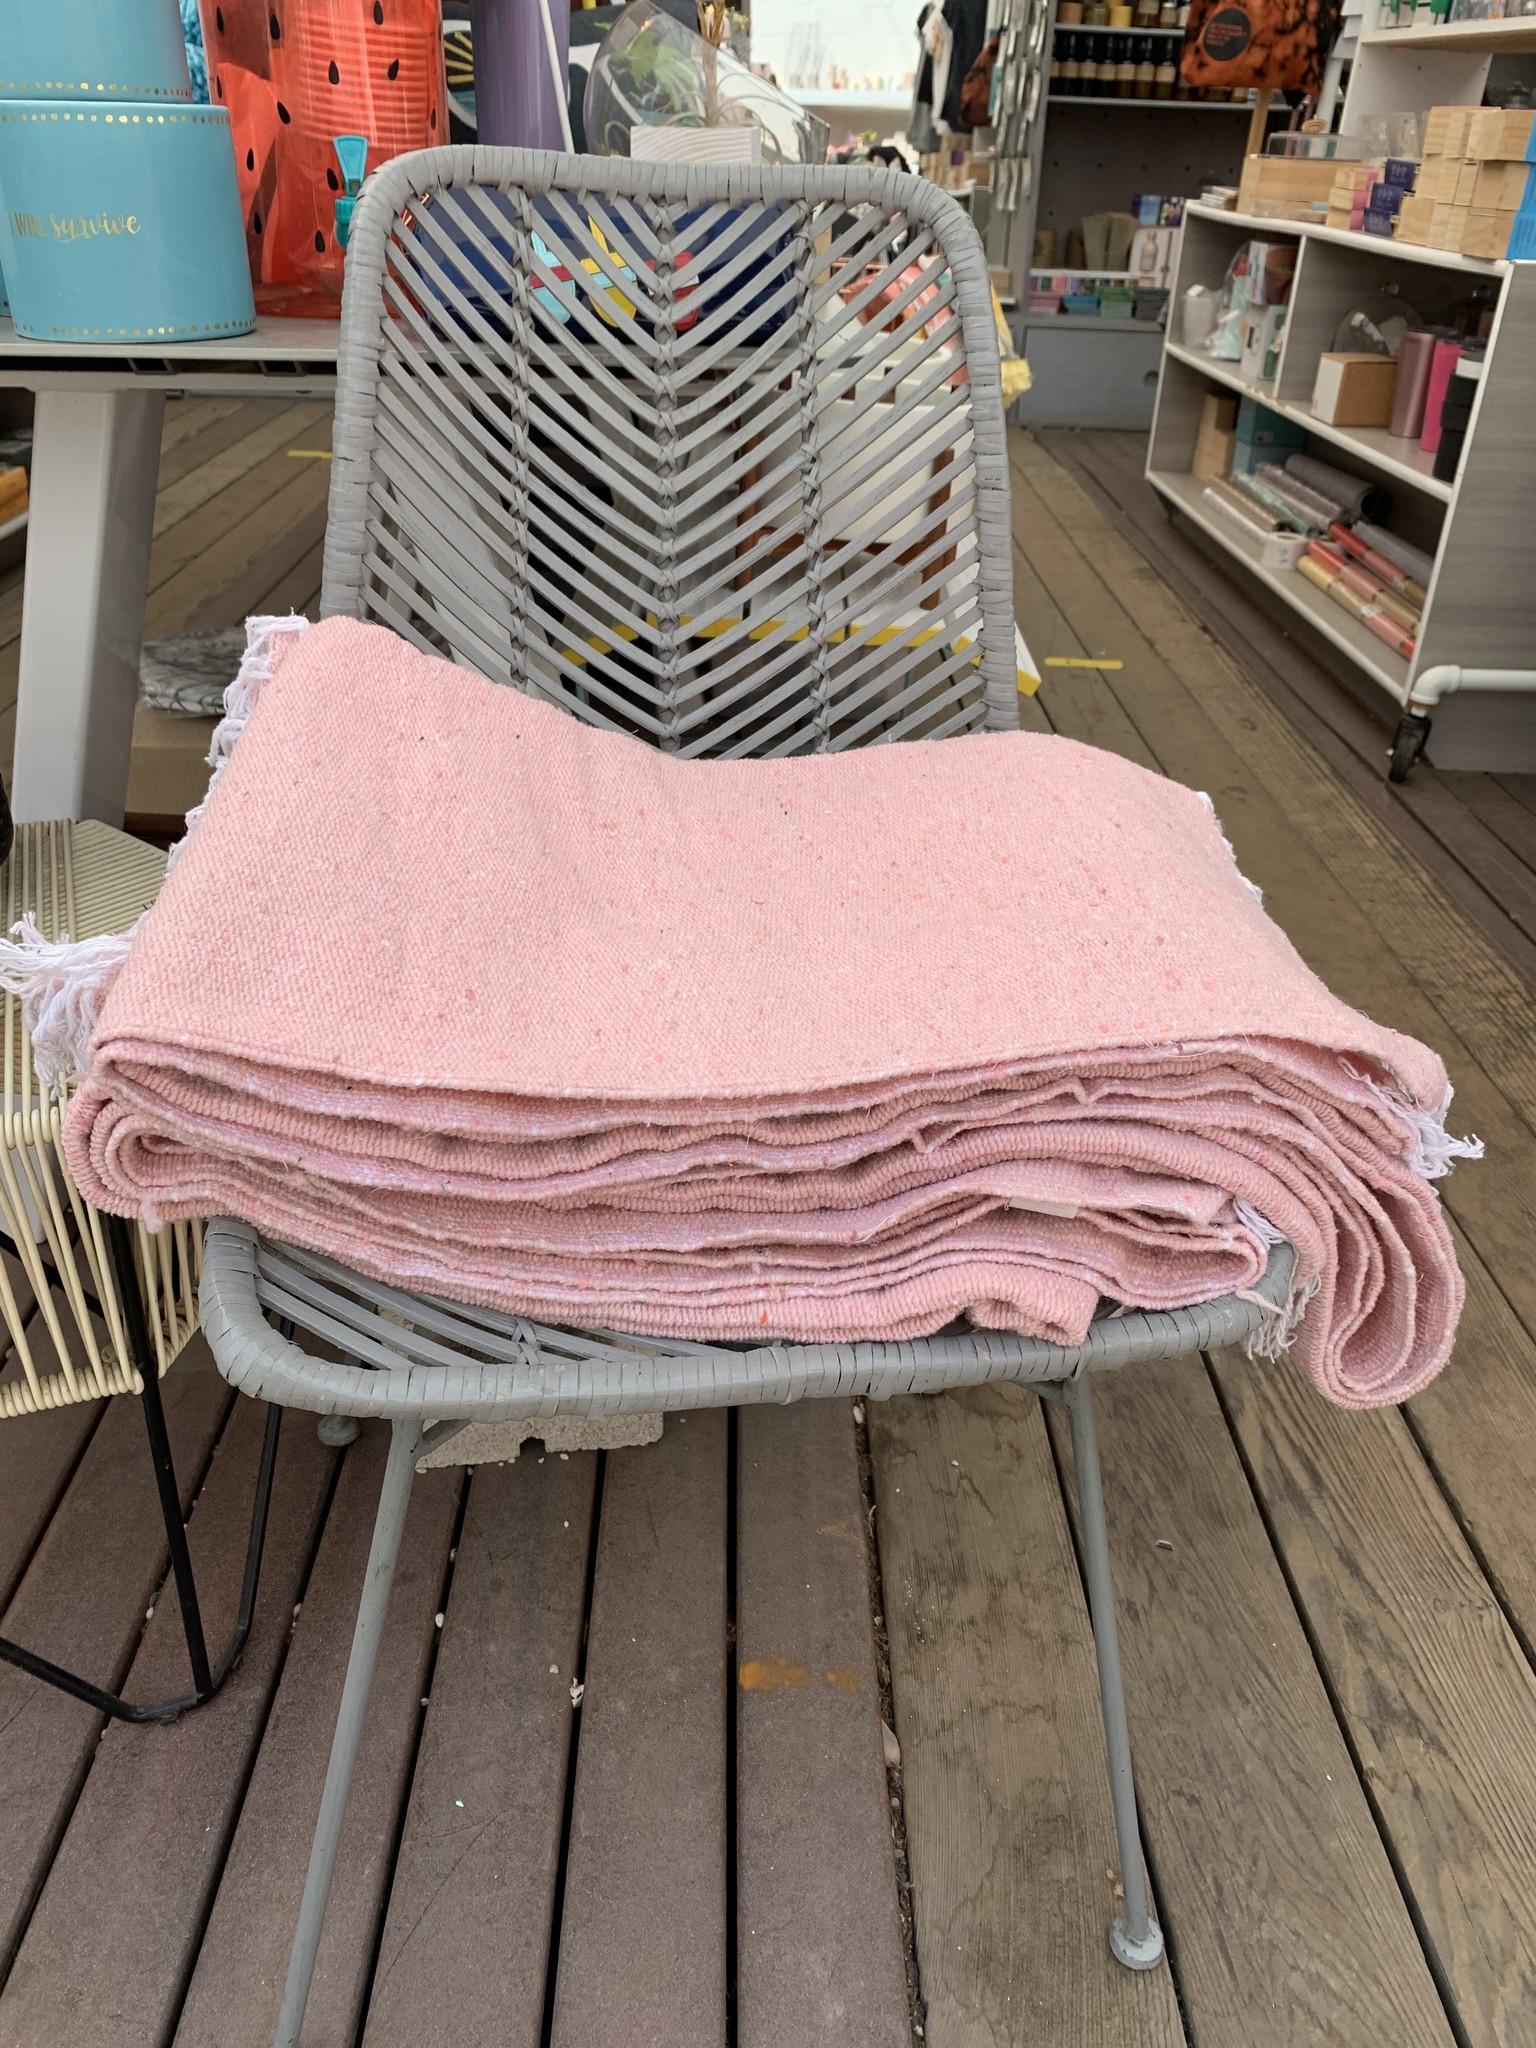 Yoga Blanket color pink